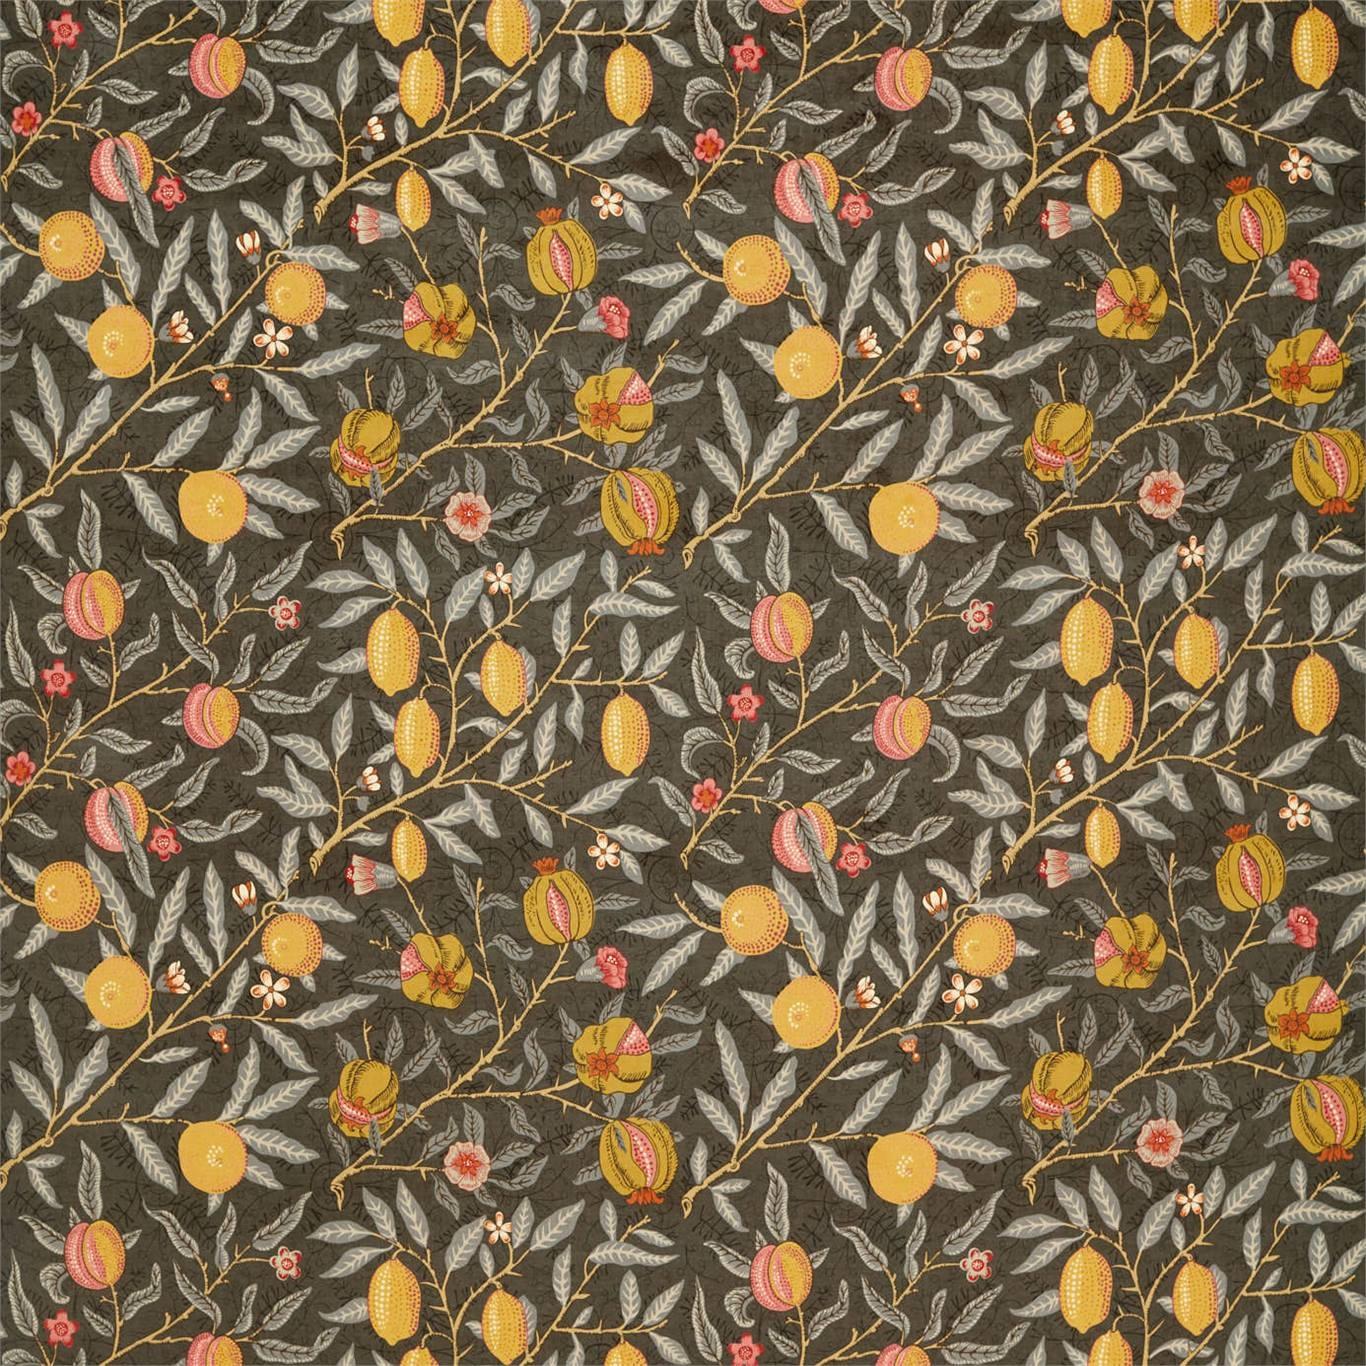 Image of Morris & Co Fruit Velvet Walnut/Bullrush 236926